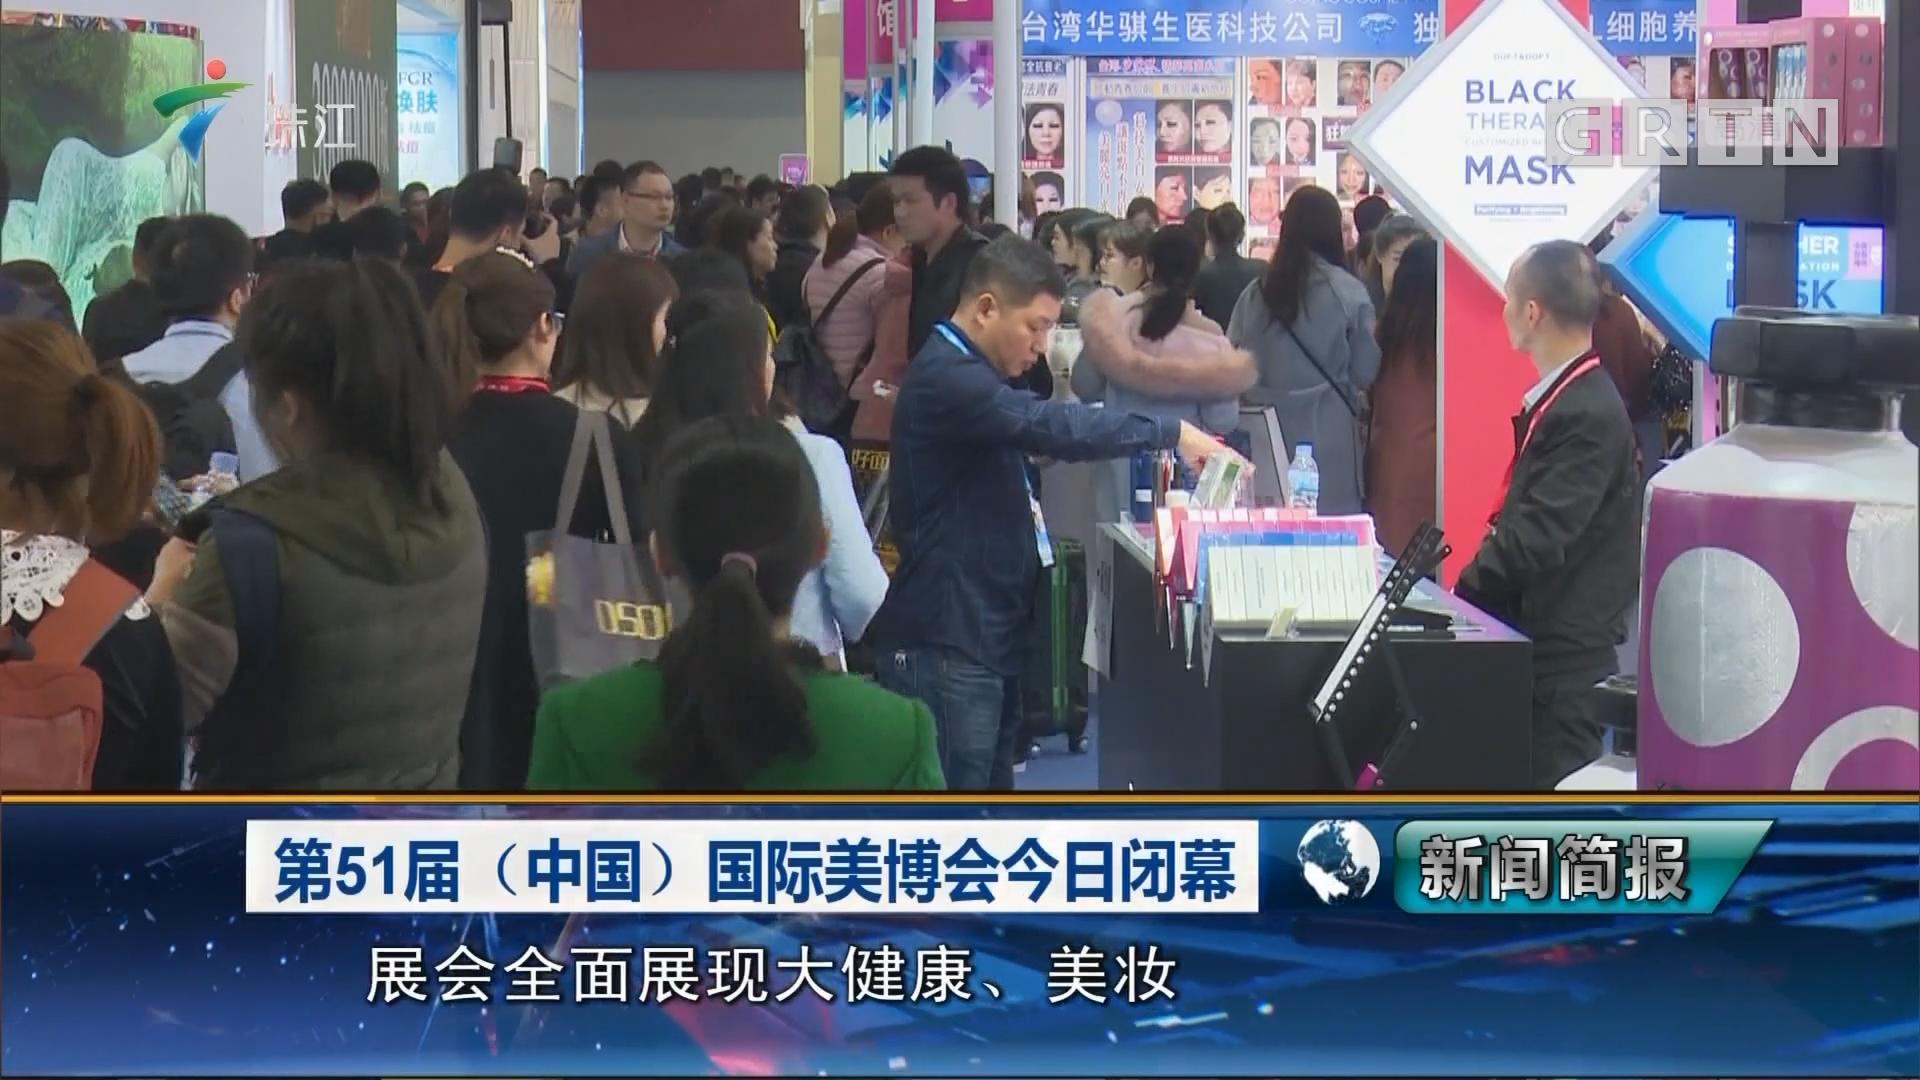 第51届(中国)国际美博会今日闭幕